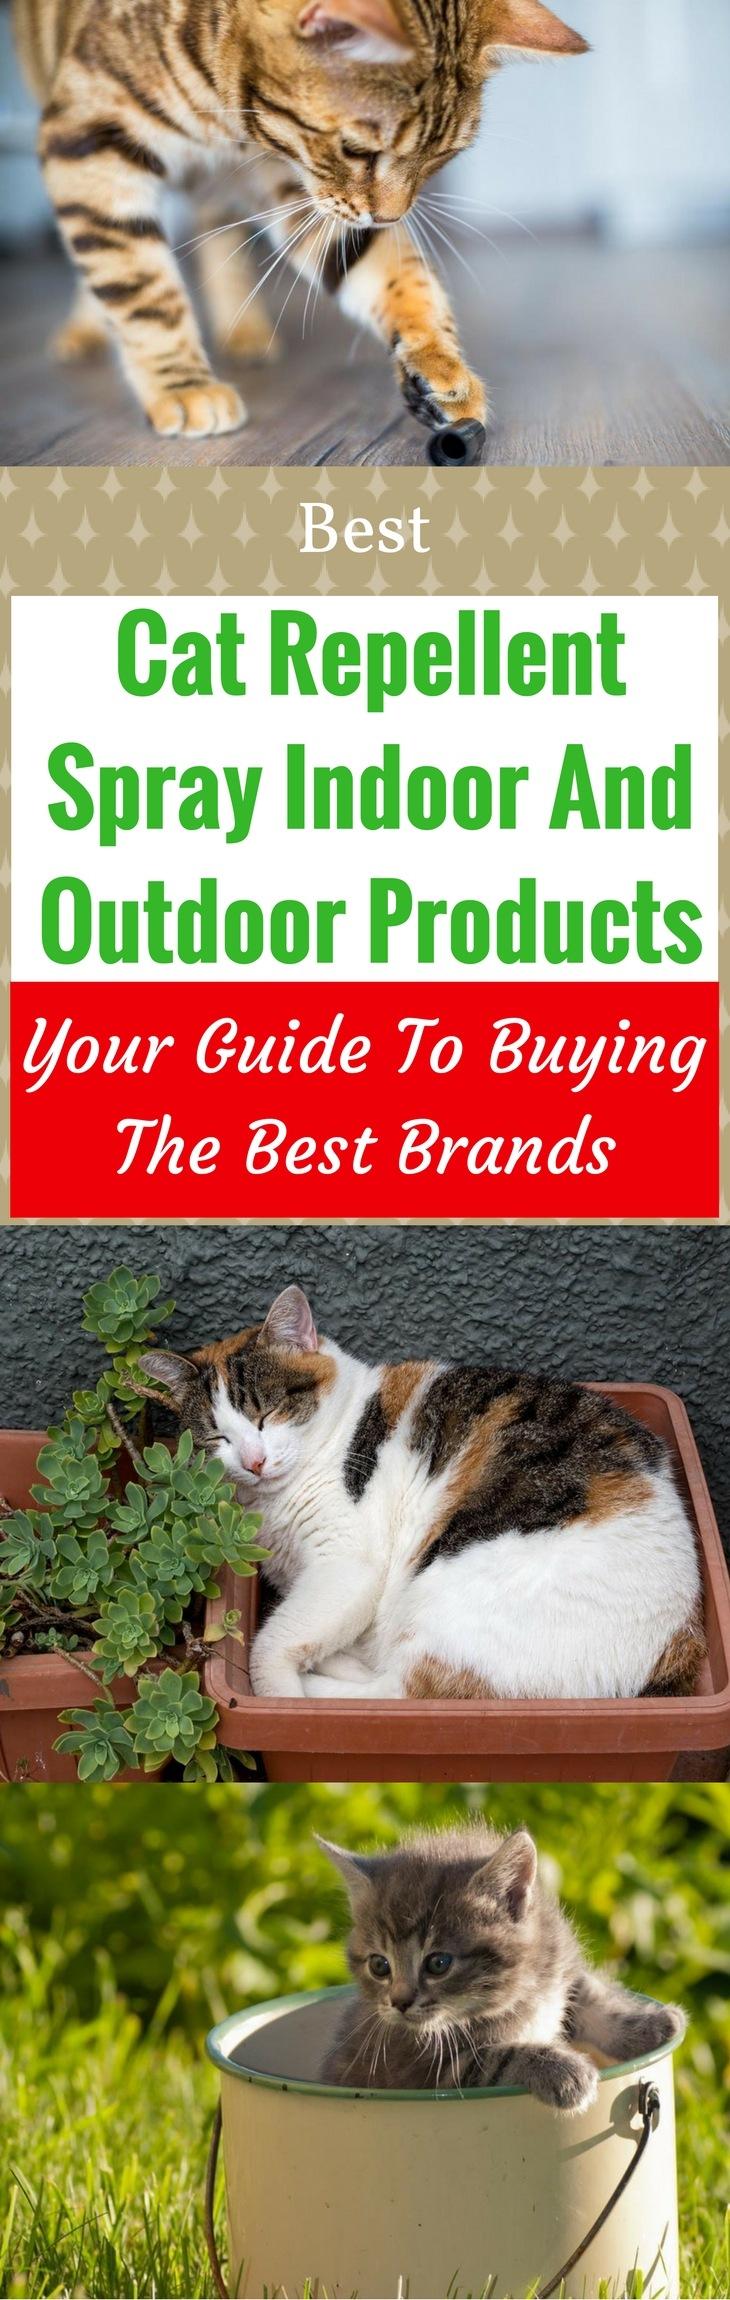 Best cat repellent spray indoor and outdoor 2018 buyers